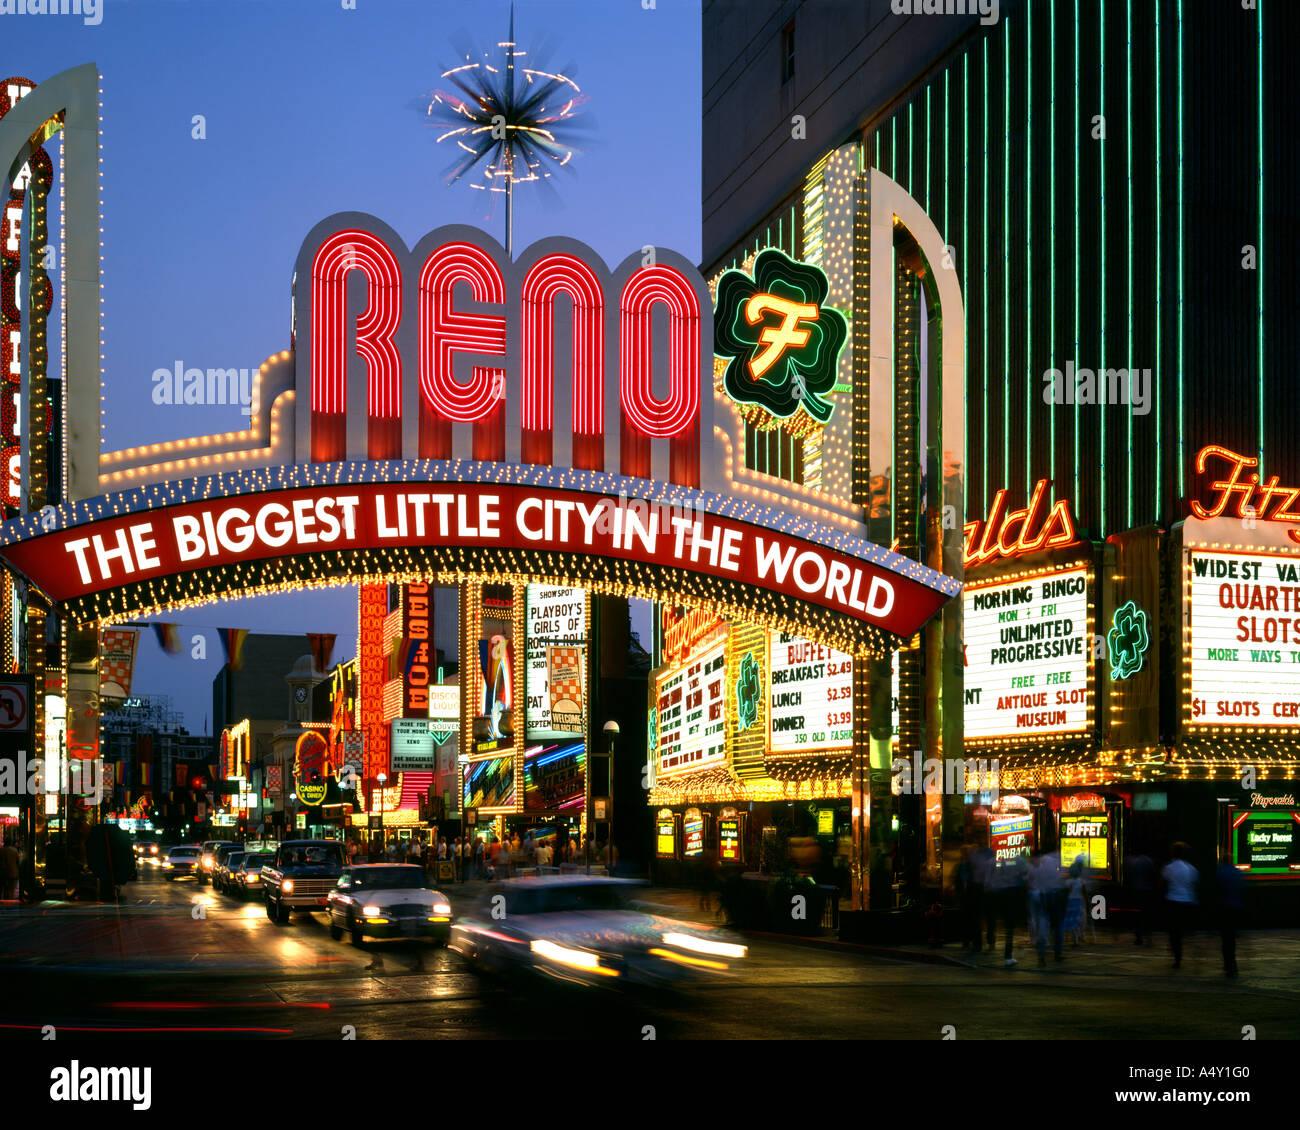 USA - NEVADA:  Reno at night - Stock Image